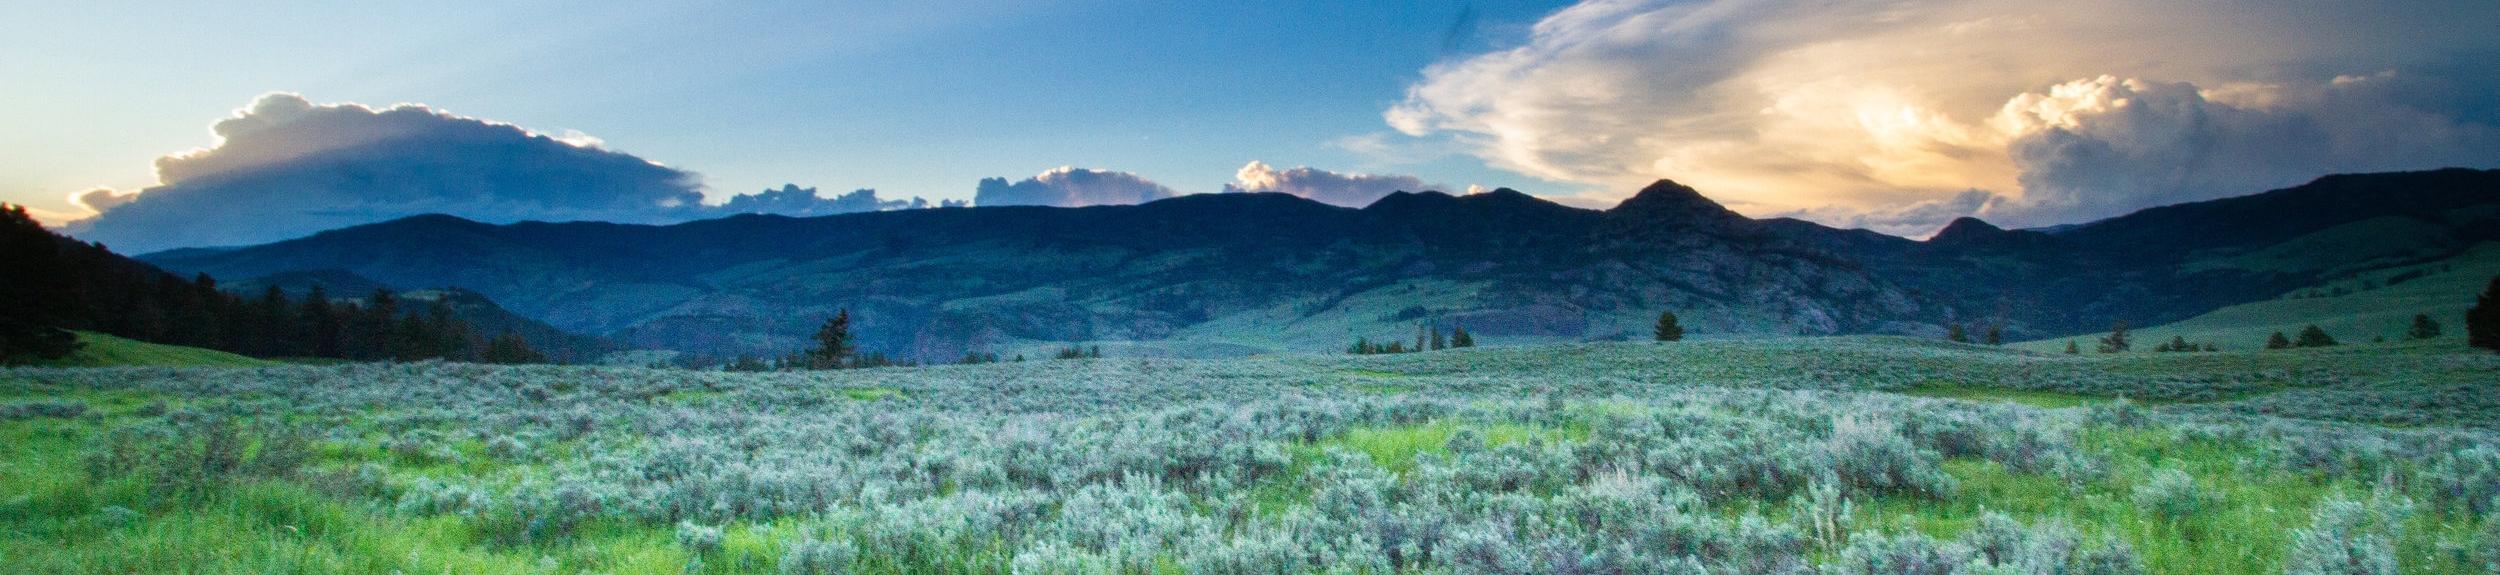 Yellowstone National Park | Wyoming | 2018